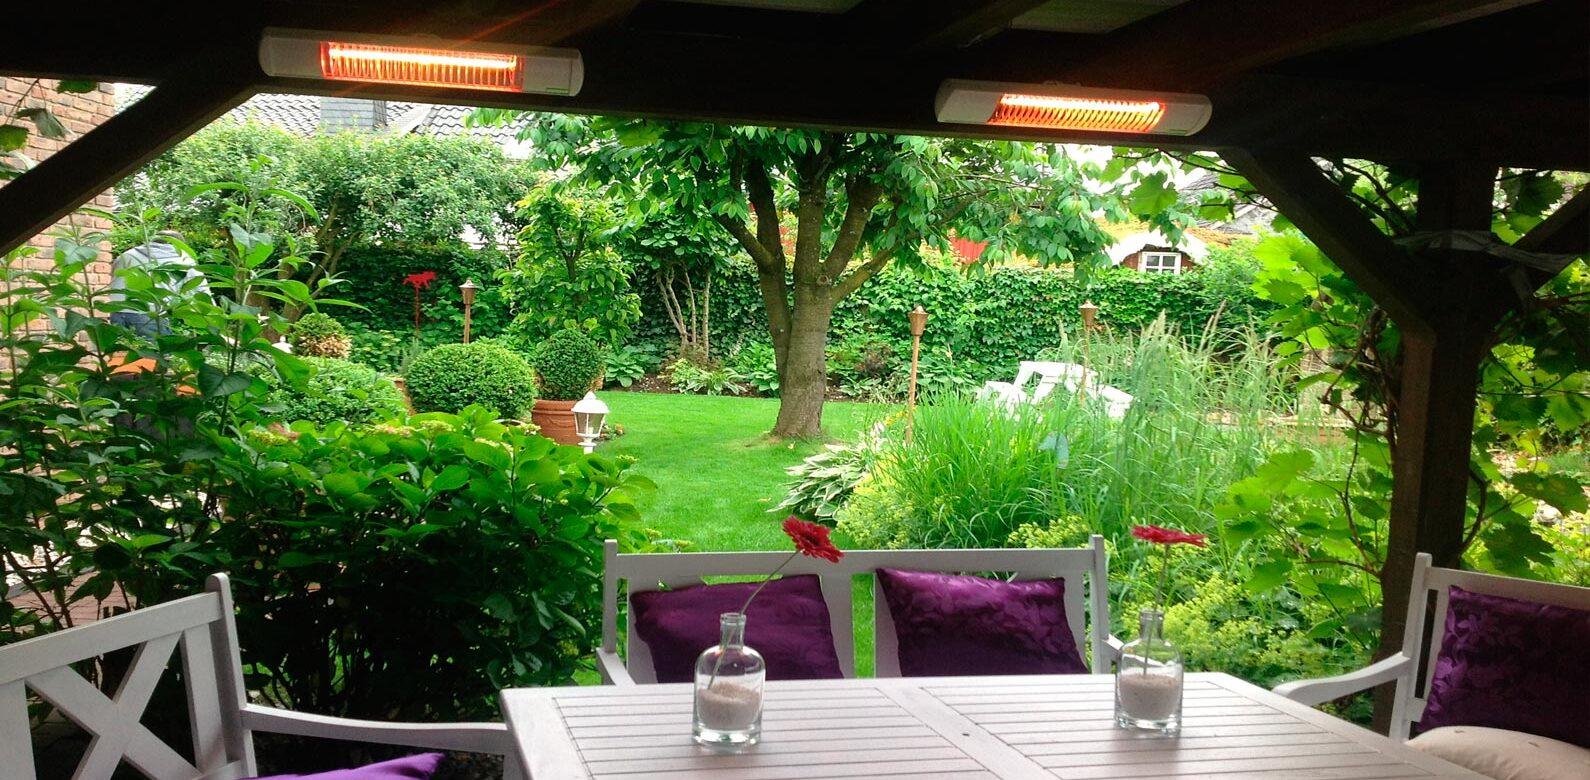 calefaccion-jardin-exterior-por-infrarrojos